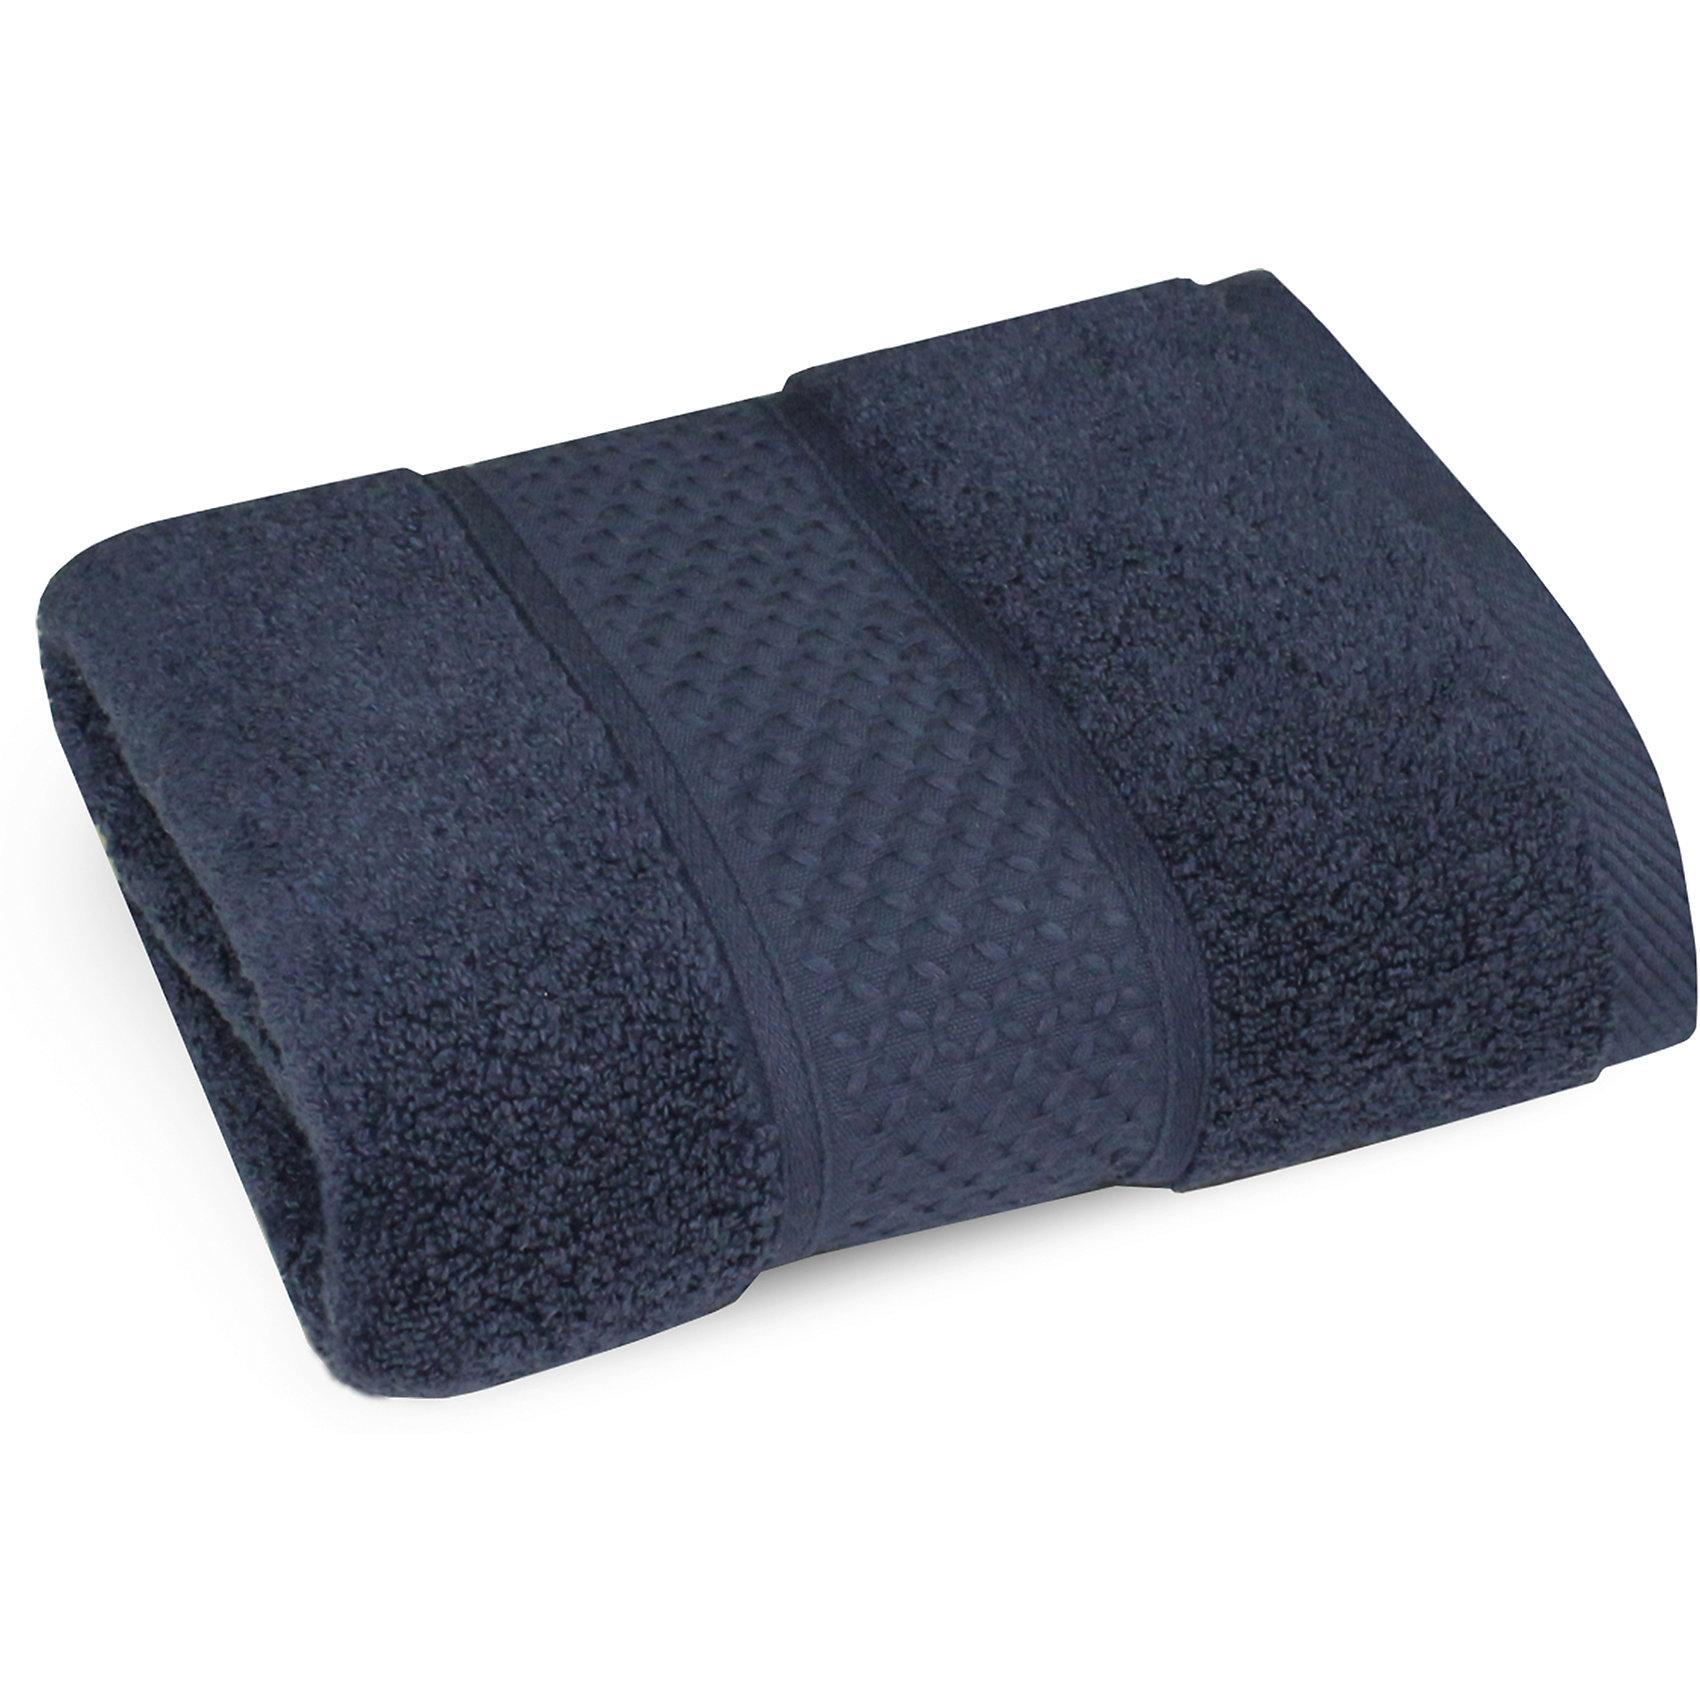 Полотенце махровое 50х90, Cozy Home, темно-синийПолотенце махровое 50х90, Cozy Home (Кози Хоум), темно-синий<br><br>Характеристики:<br><br>• мягкое полотенце, приятное на ощупь<br>• хорошо впитывает влагу<br>• легко стирать<br>• материал: хлопок<br>• размер: 50х90 см<br>• цвет: темно-синий<br><br>Полотенце из хлопка нежно позаботится о вашей коже и подарит мягкость после водных процедур. Хлопок известен своей прочностью и гипоаллергенностью. Кроме того, он не впитывает неприятные запахи, неприхотлив в уходе и не поддается деформации и выцветанию. Приятный дизайн с вышитым бордюром станет прекрасным дополнением для вашей ванной комнаты.<br><br>Полотенце махровое 50х90, Cozy Home (Кози Хоум), темно-синий можно купить в нашем интернет-магазине.<br><br>Ширина мм: 150<br>Глубина мм: 250<br>Высота мм: 150<br>Вес г: 250<br>Возраст от месяцев: 0<br>Возраст до месяцев: 216<br>Пол: Мужской<br>Возраст: Детский<br>SKU: 5355304